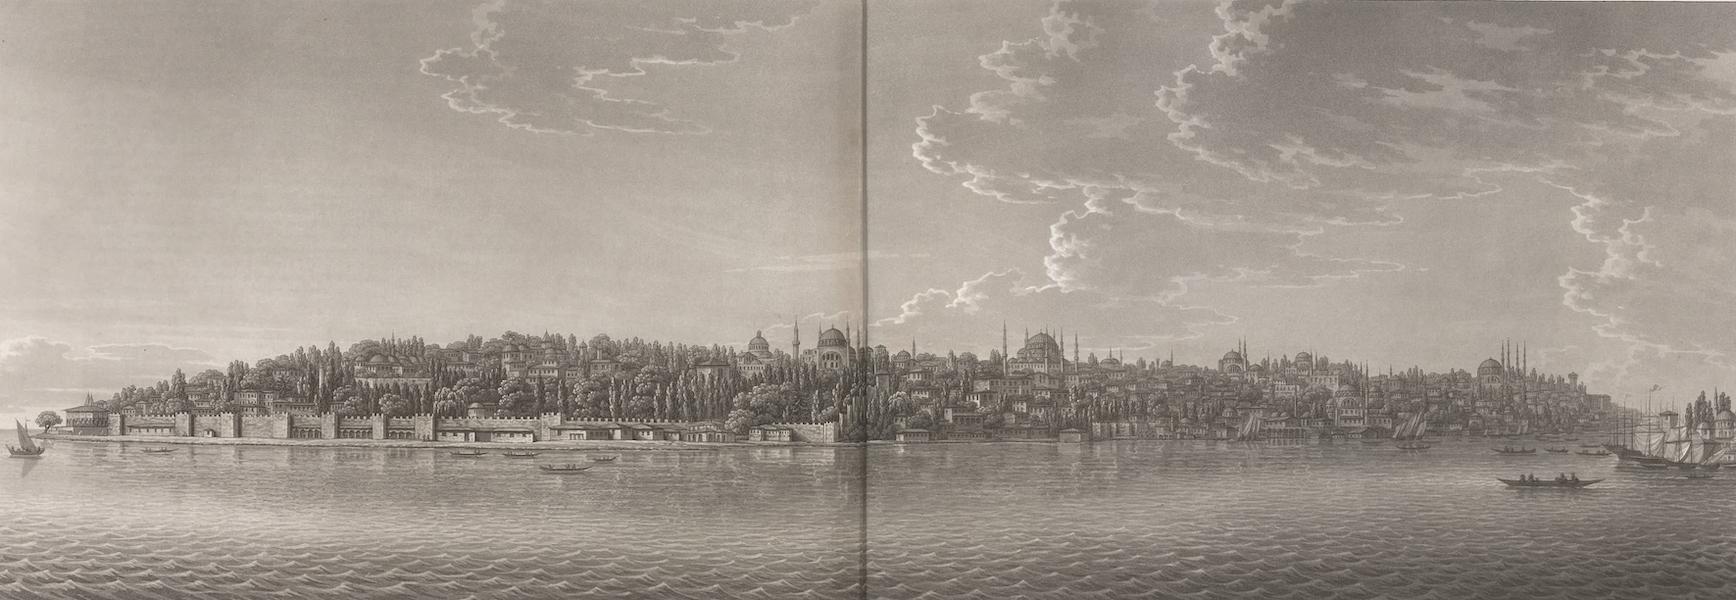 Promenades Pittoresques dans Constantinople Atlas - VI. Vue de Constantinople, depuis la pointe du sérail jusqu'à la tour du janissaire Aga (1817)